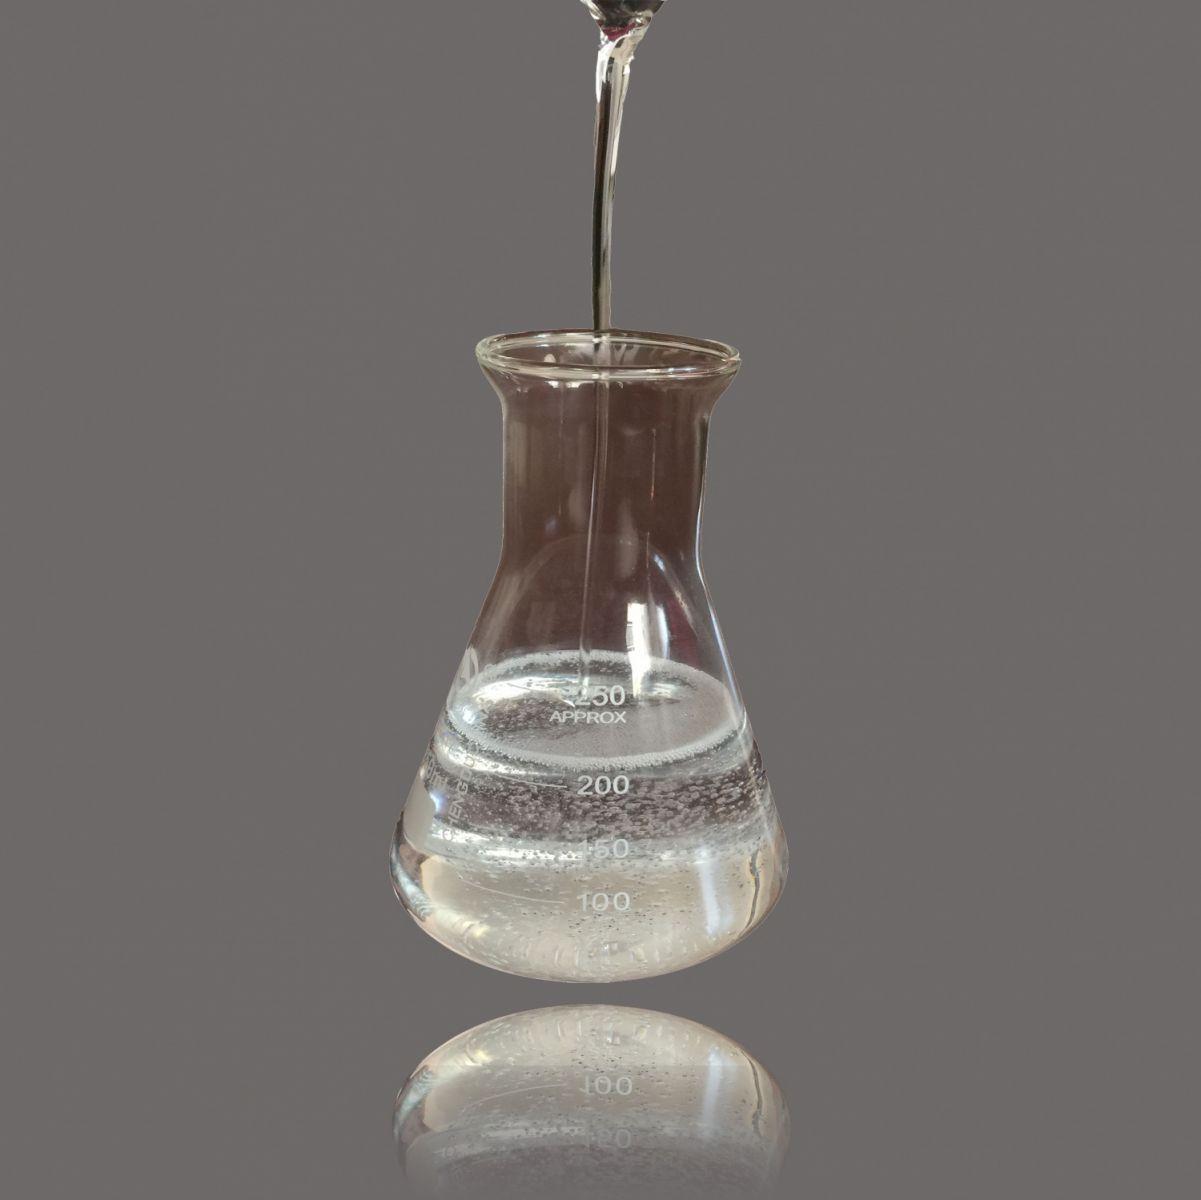 橡胶油石蜡油介绍及市场